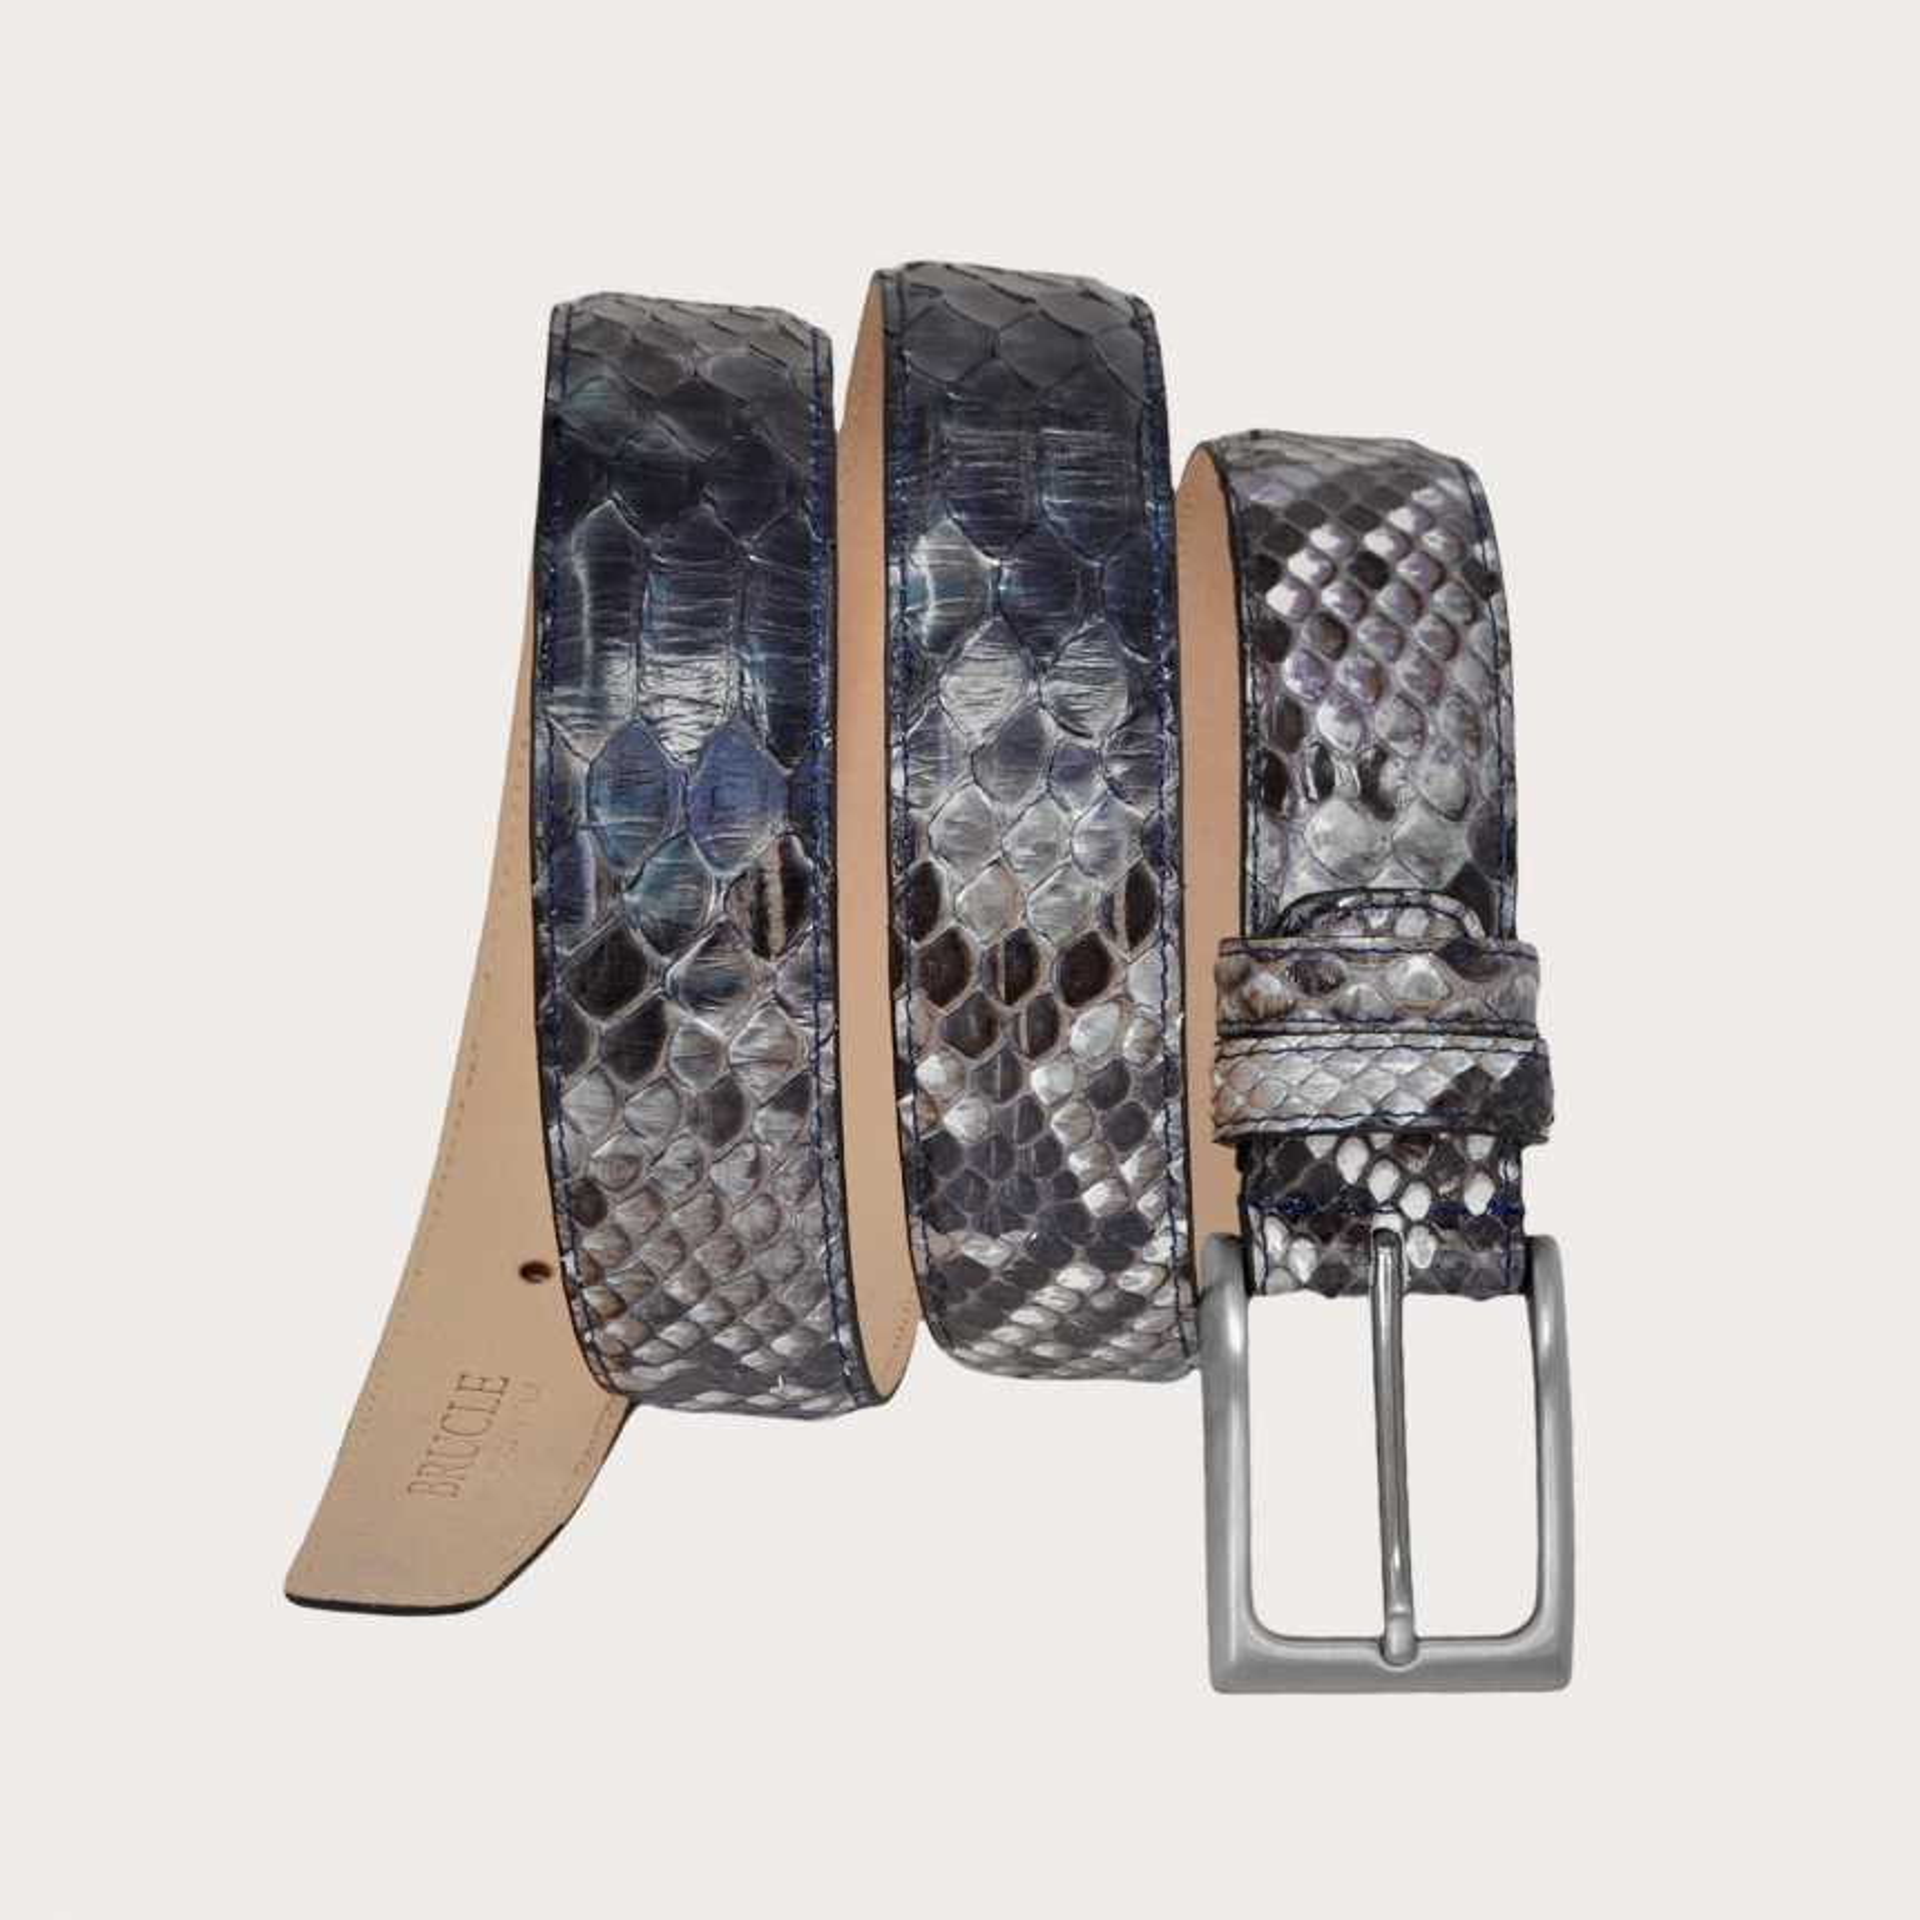 Cintura in pelle di pitone H35 tamponata a mano con fibbia satinata argento, toni di blu e roccia